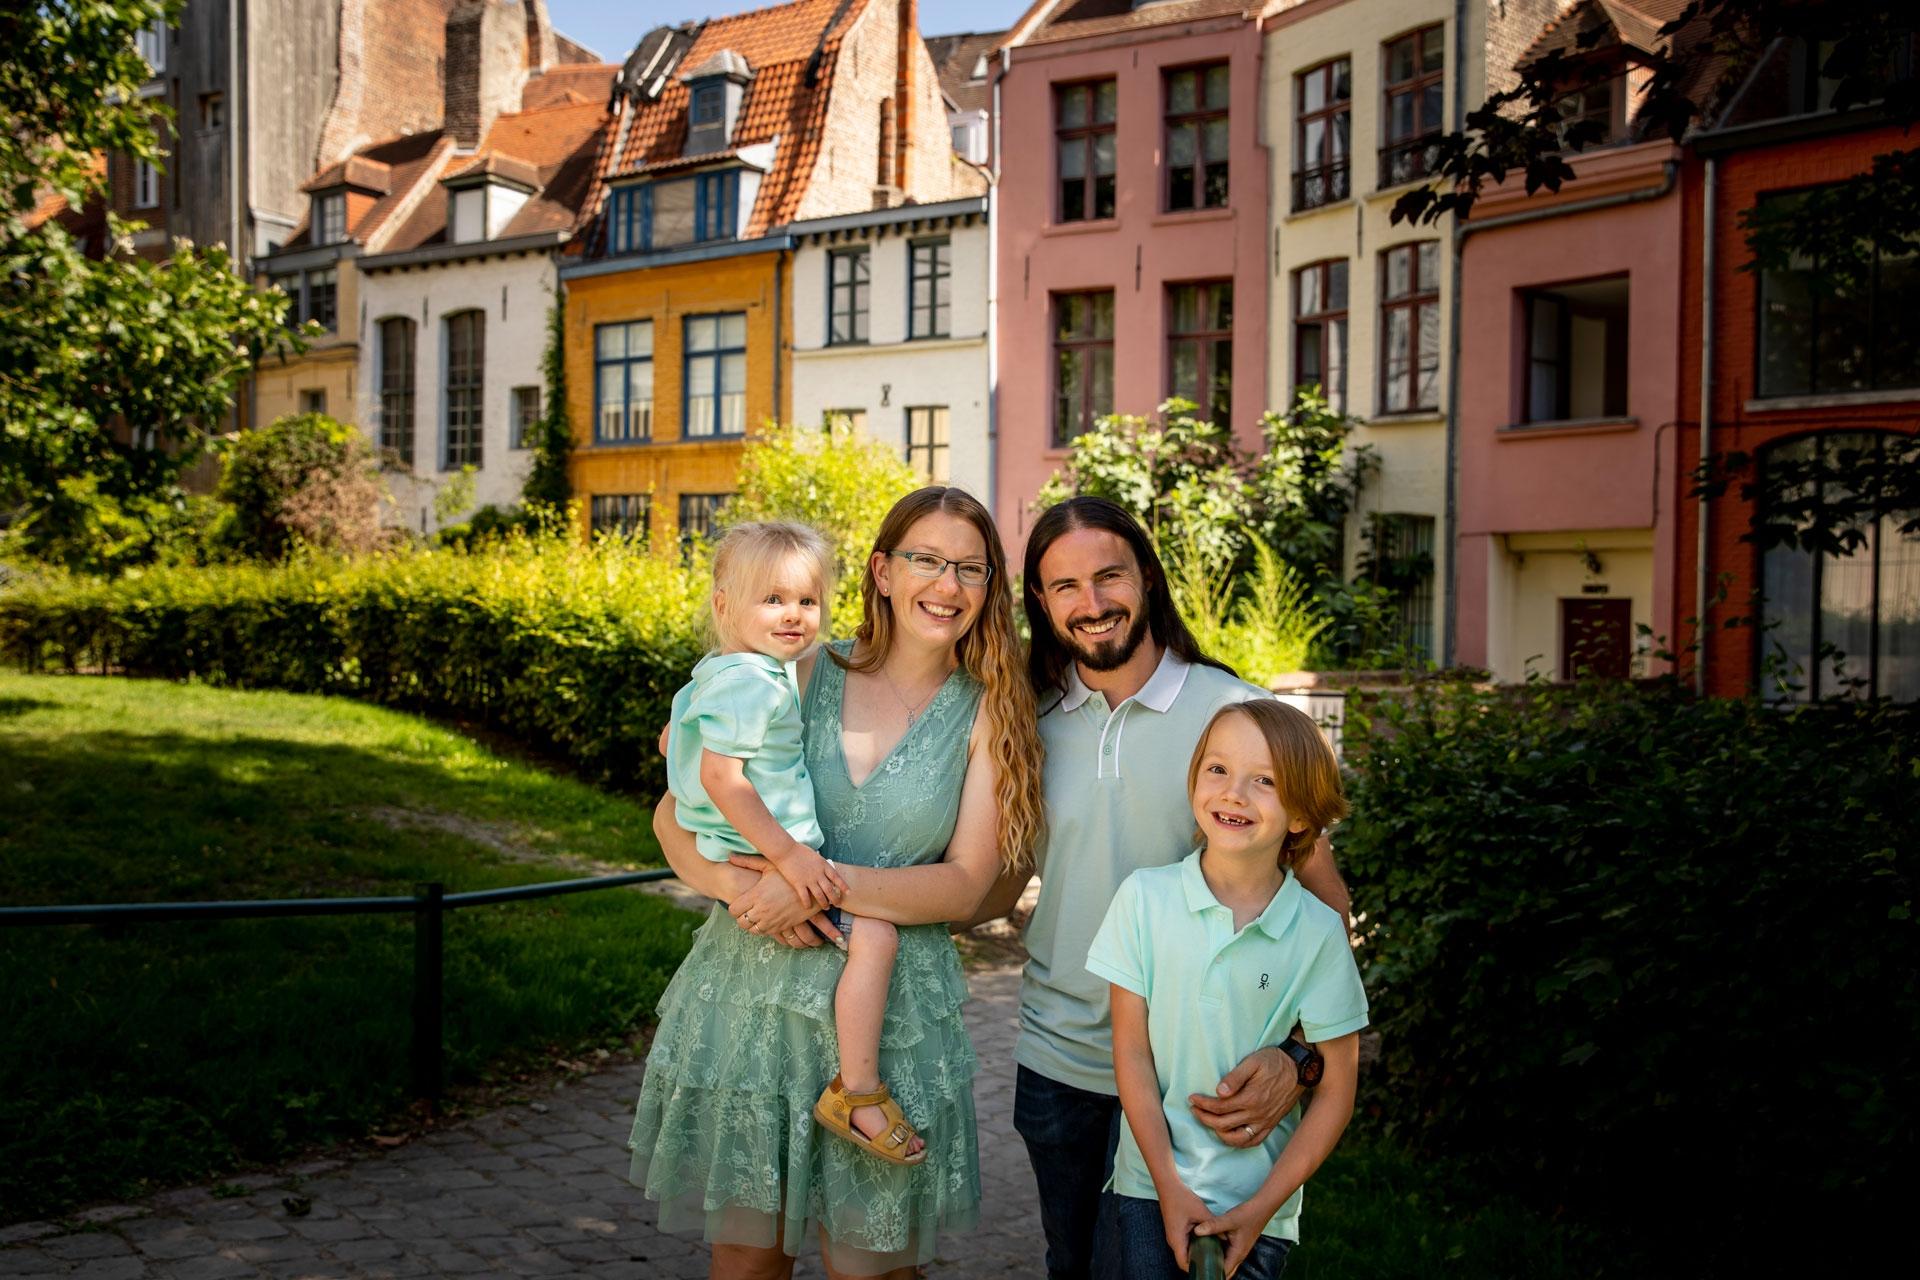 particuliers-portraits-engagement-famille-deltenre-2020-42